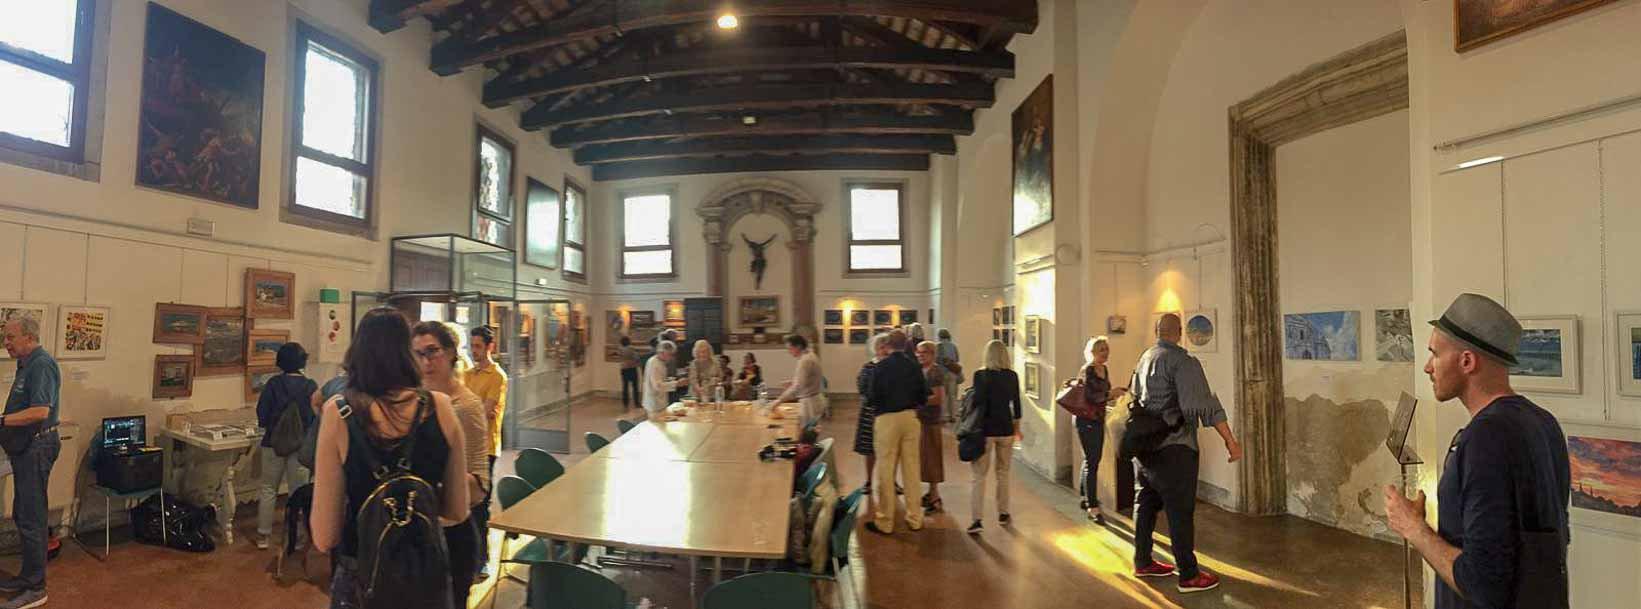 Mostra di Venezia - Giugno 2019